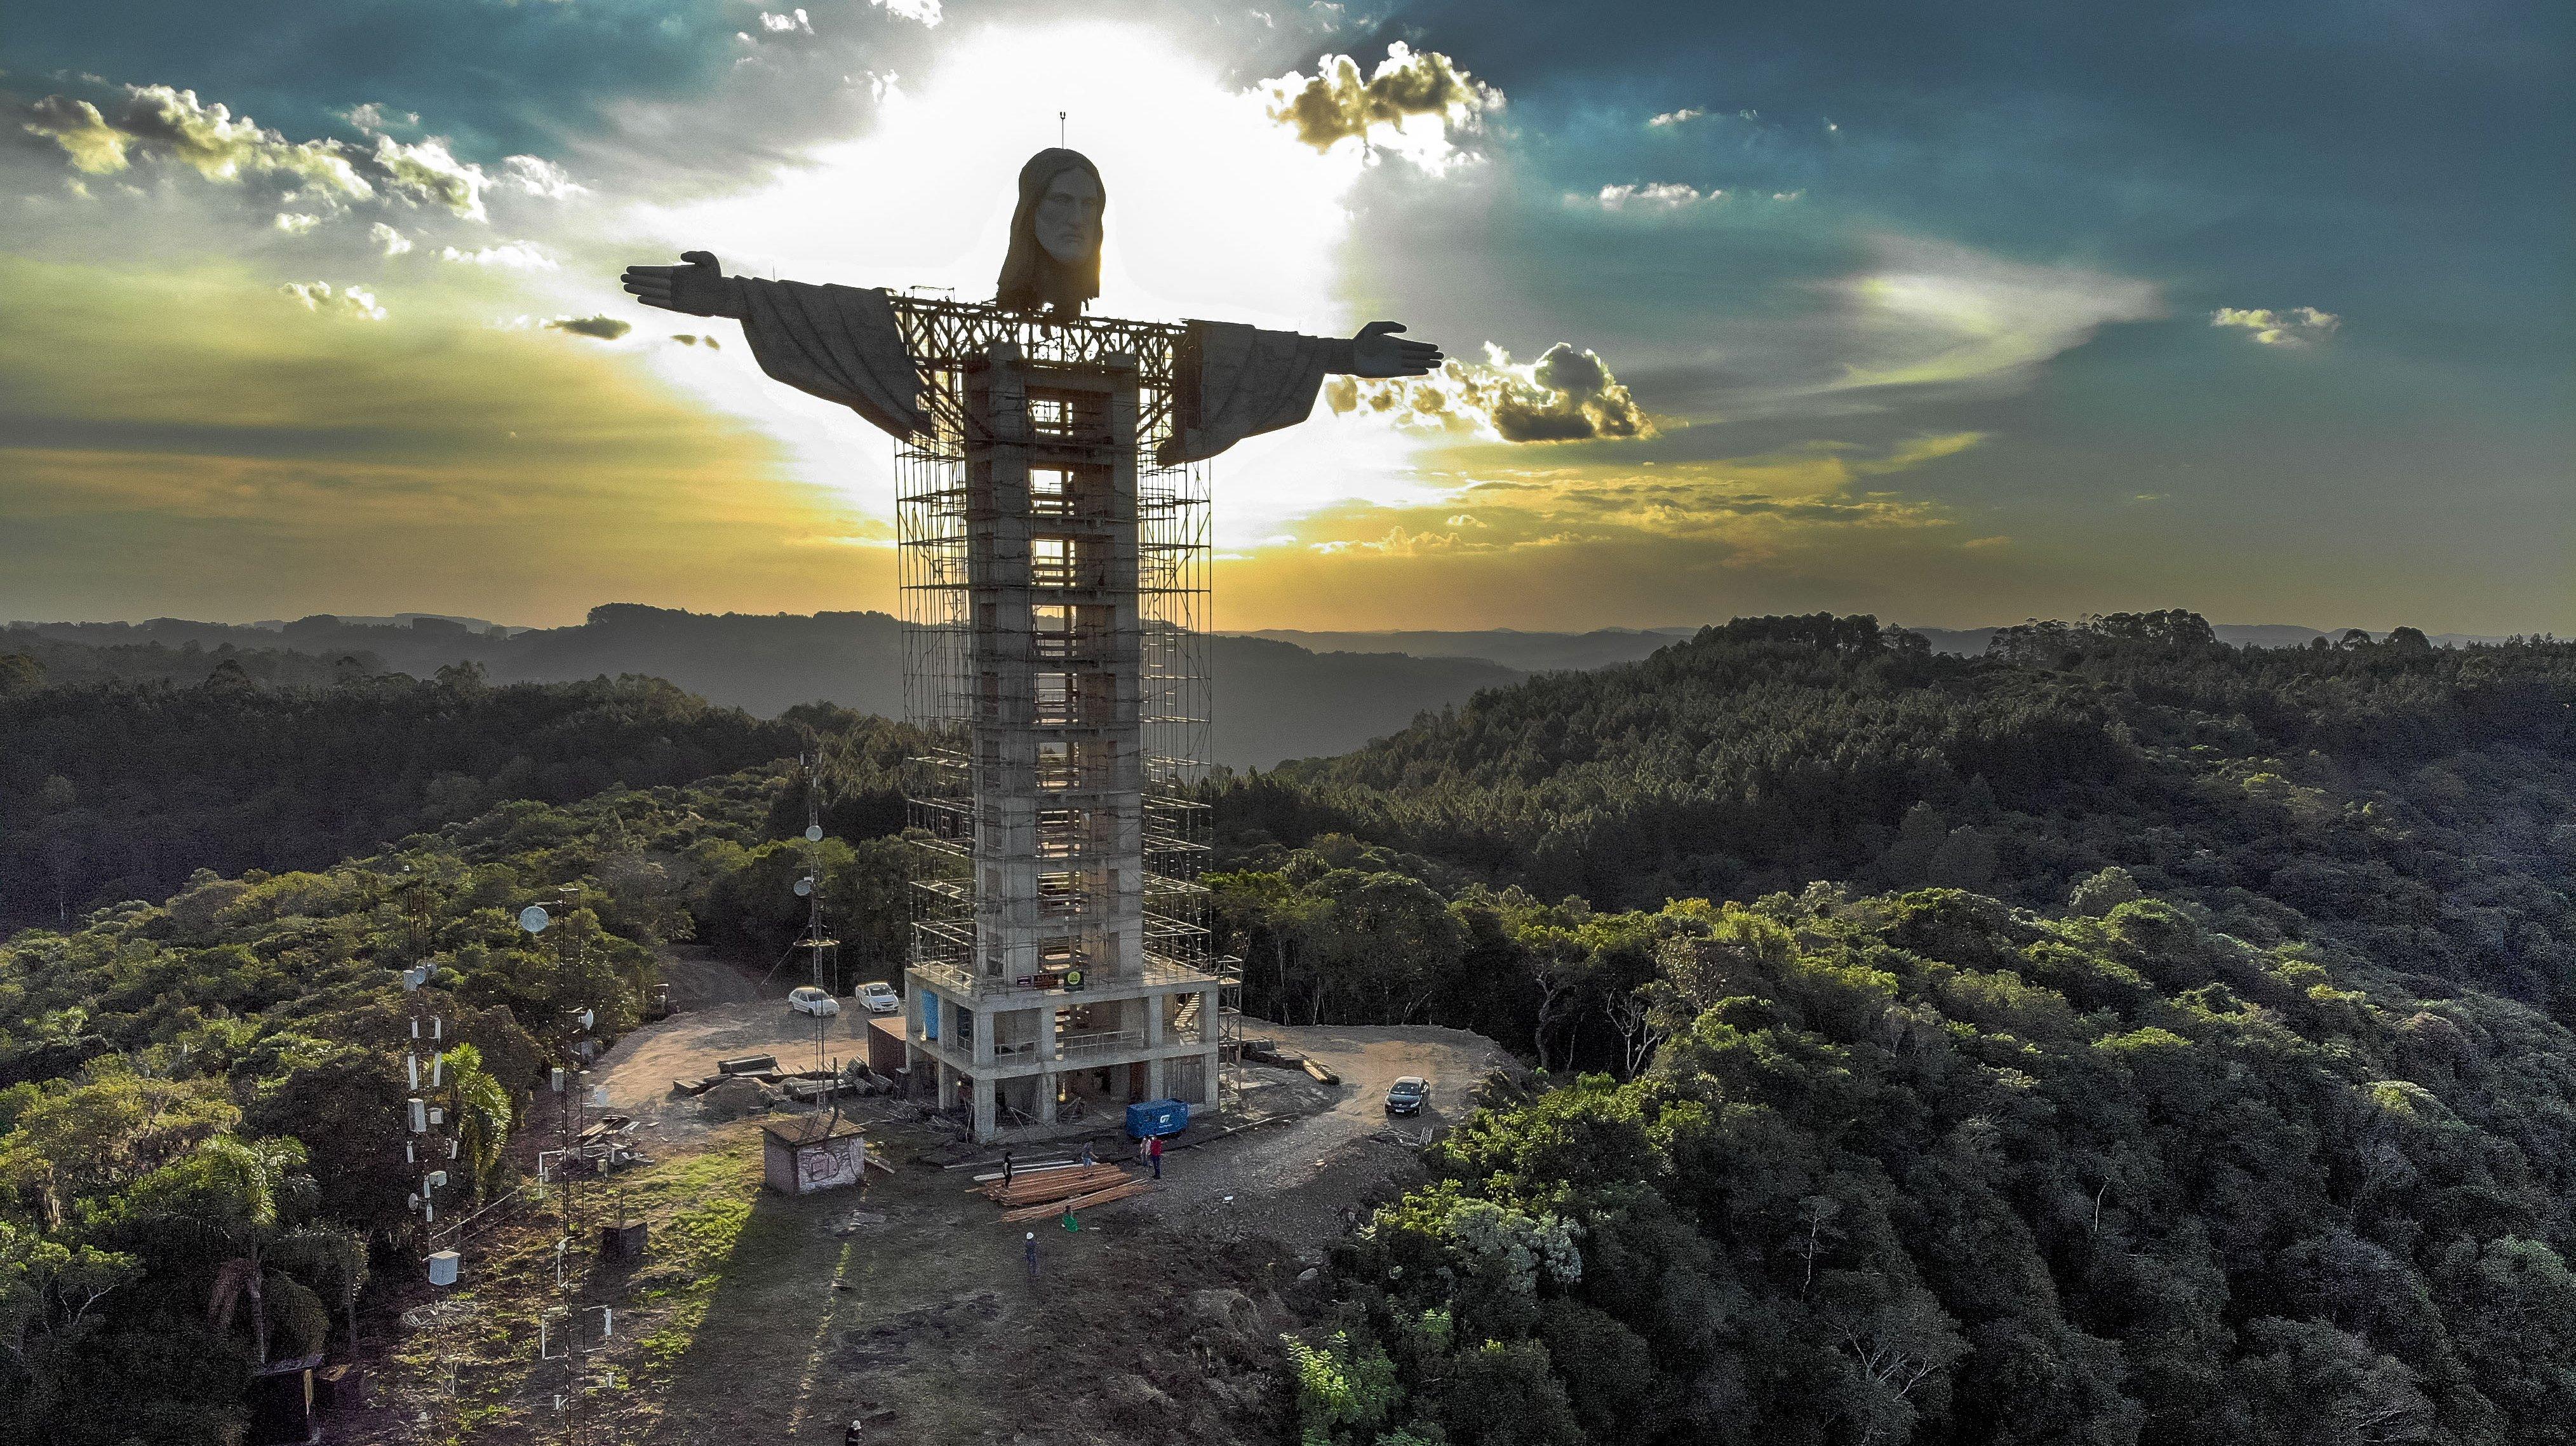 BRAZIL-RELIGION-CULTURE-CHRIST-STATUE